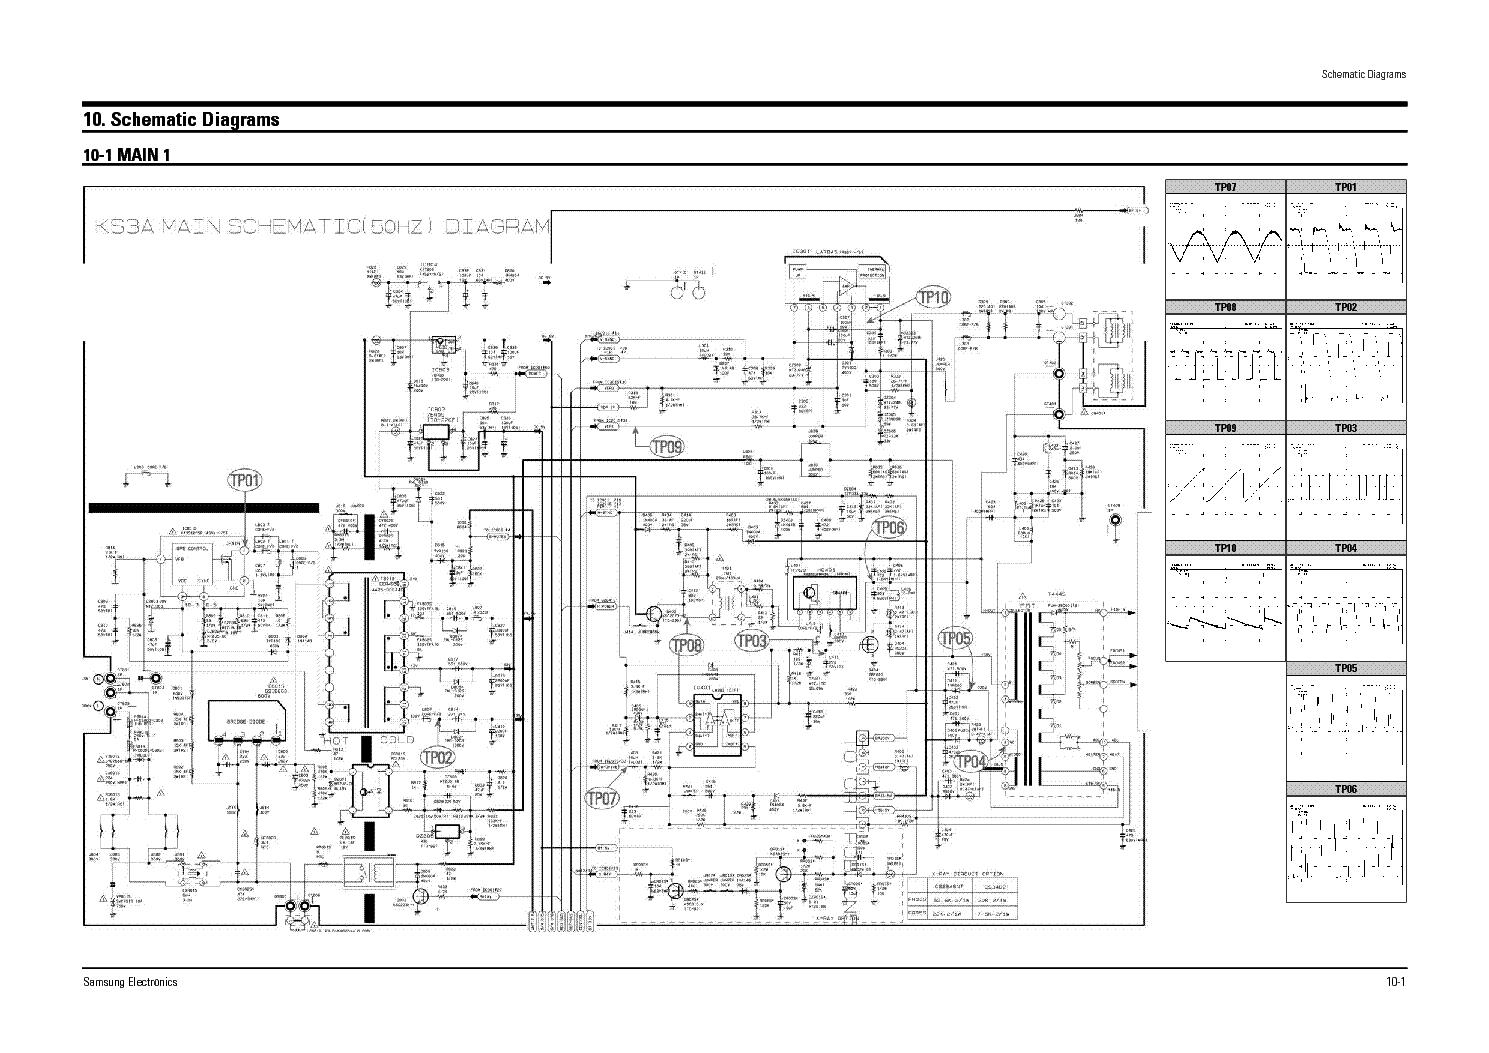 Ungewöhnlich Samsung Cctv Schaltplan Ideen - Der Schaltplan - greigo.com